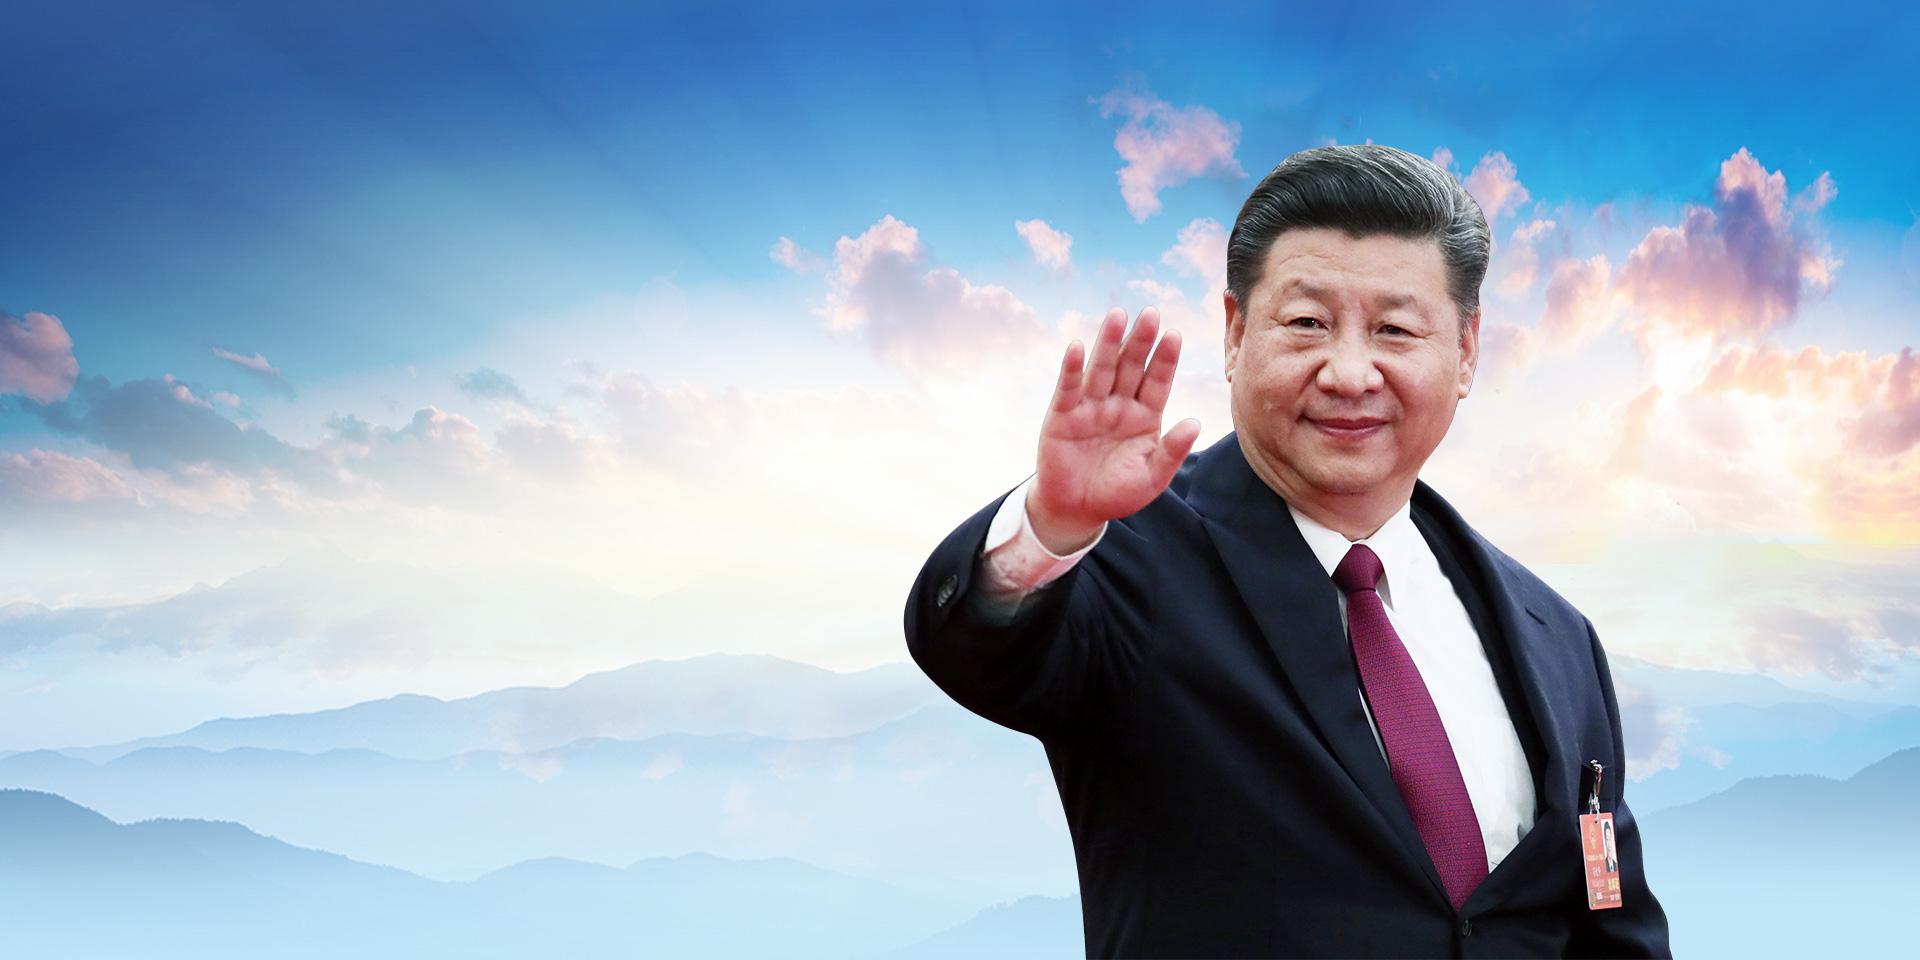 青少年是国家的未来,是中俄友好的未来,是世界的未来。